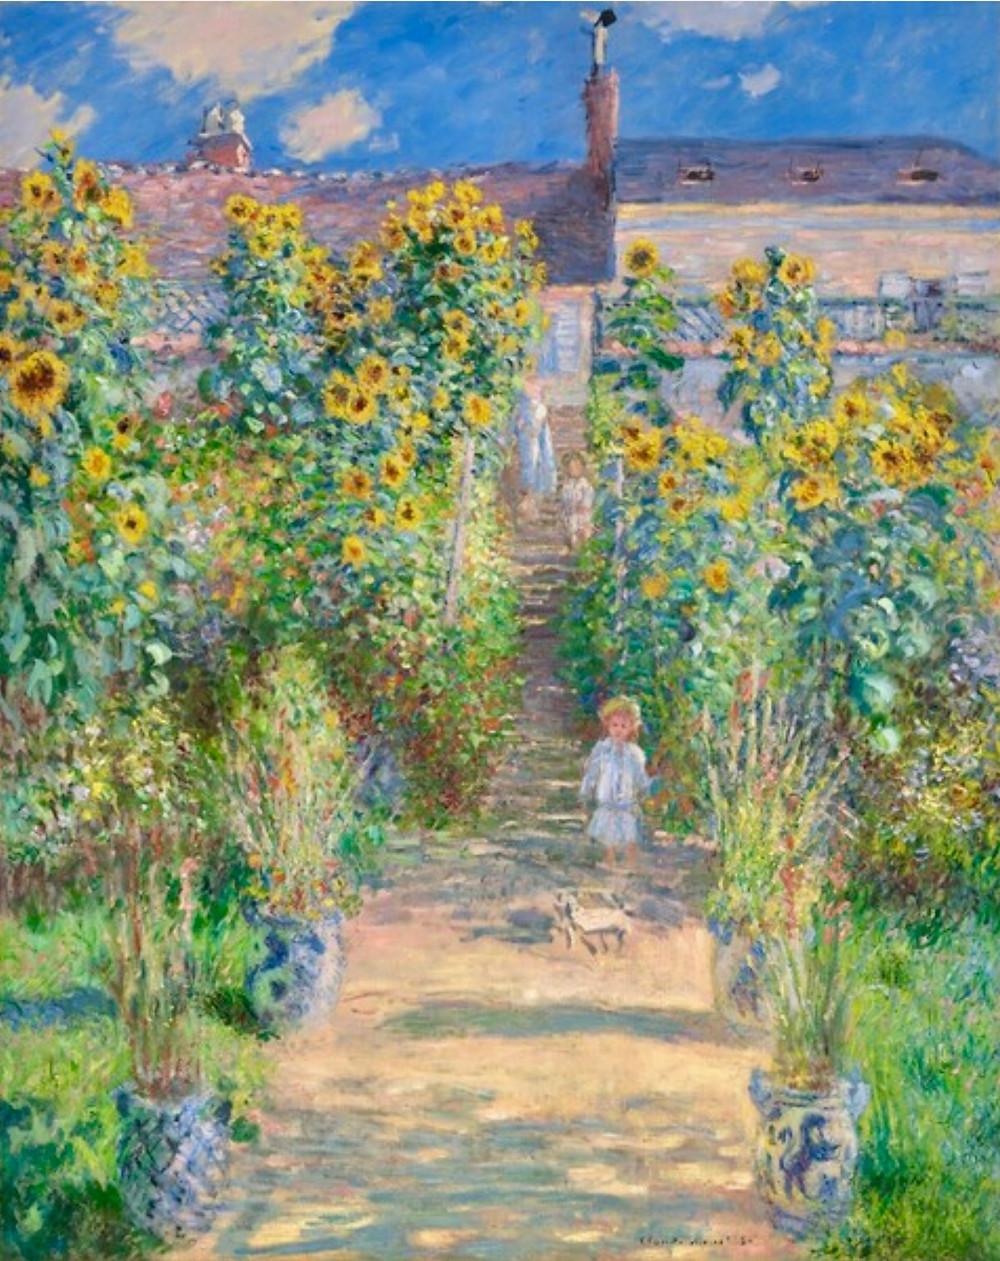 Monet, The Artist's Garden at Vetheuil, 1881